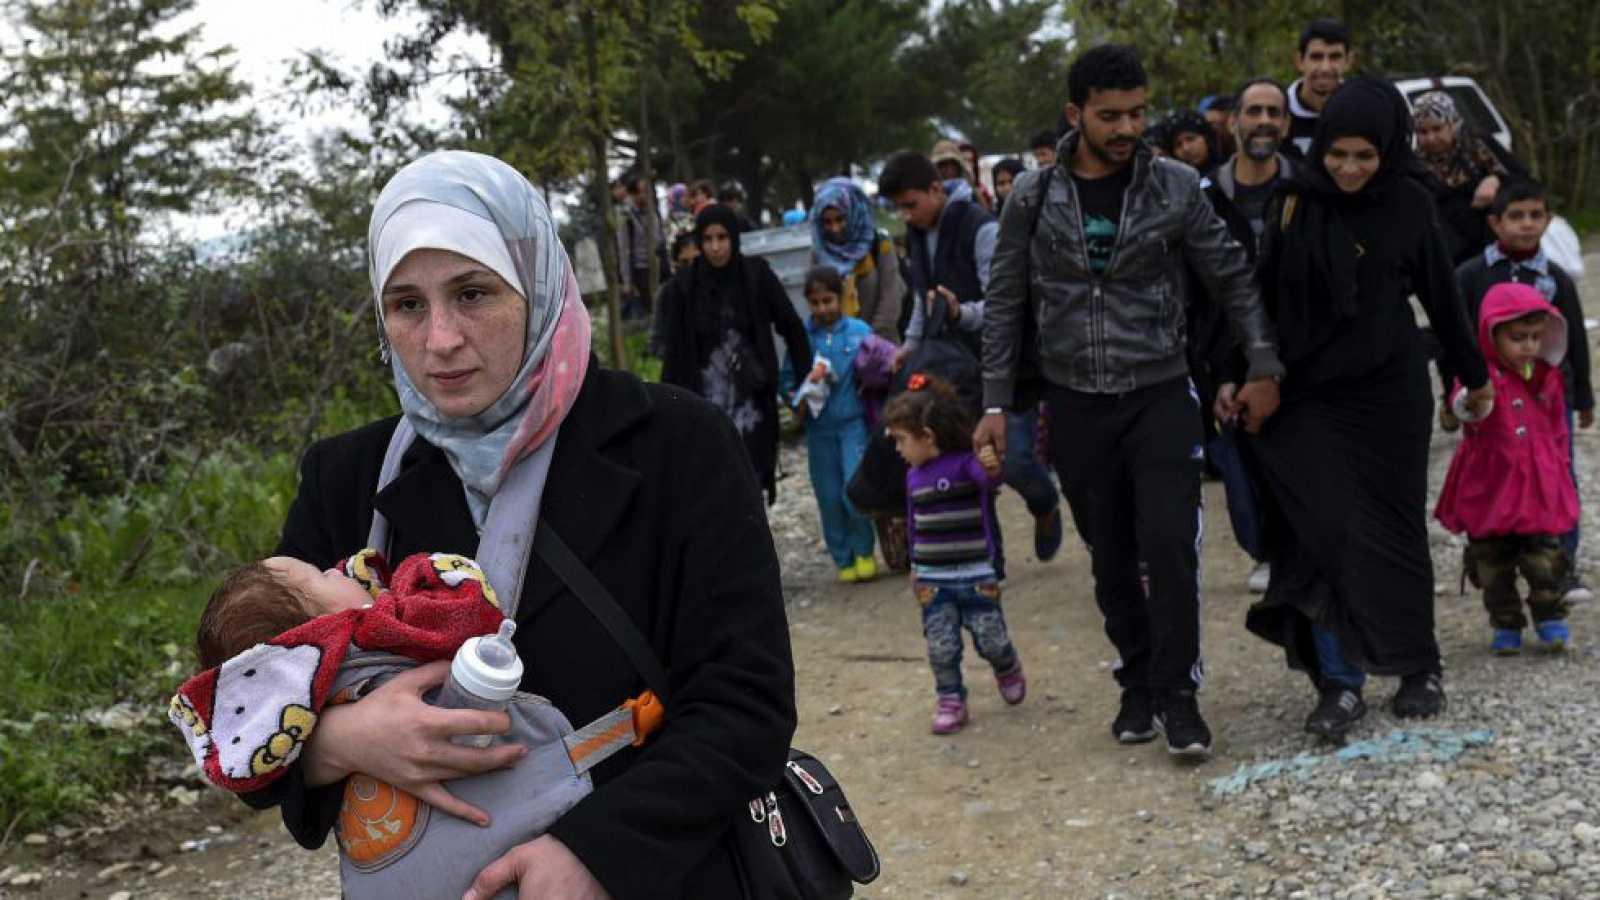 Cooperación es Desarrollo - Alarmante situación de desplazados y refugiados en el mundo - 07/10/18 - escuchar ahora